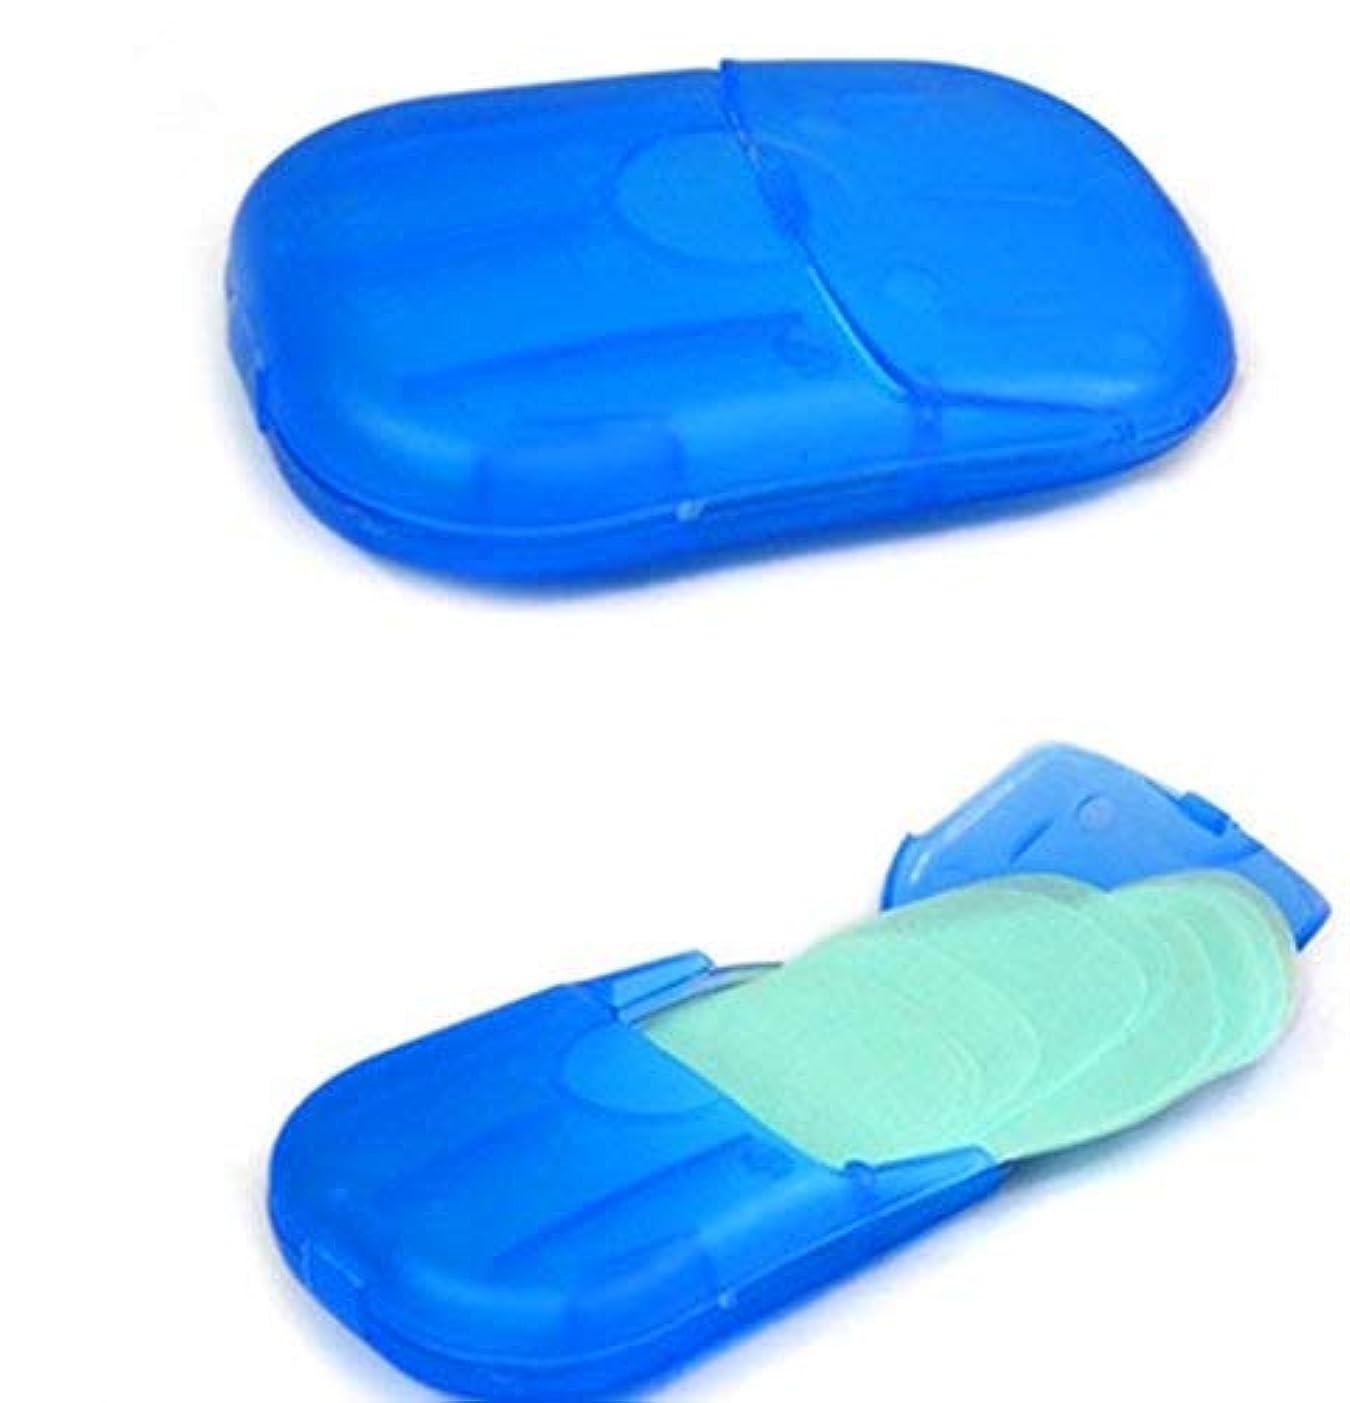 コックゲスト媒染剤ペーパーソープかみせっけん紙せっけん携帯用除菌3色 20枚(5セット)